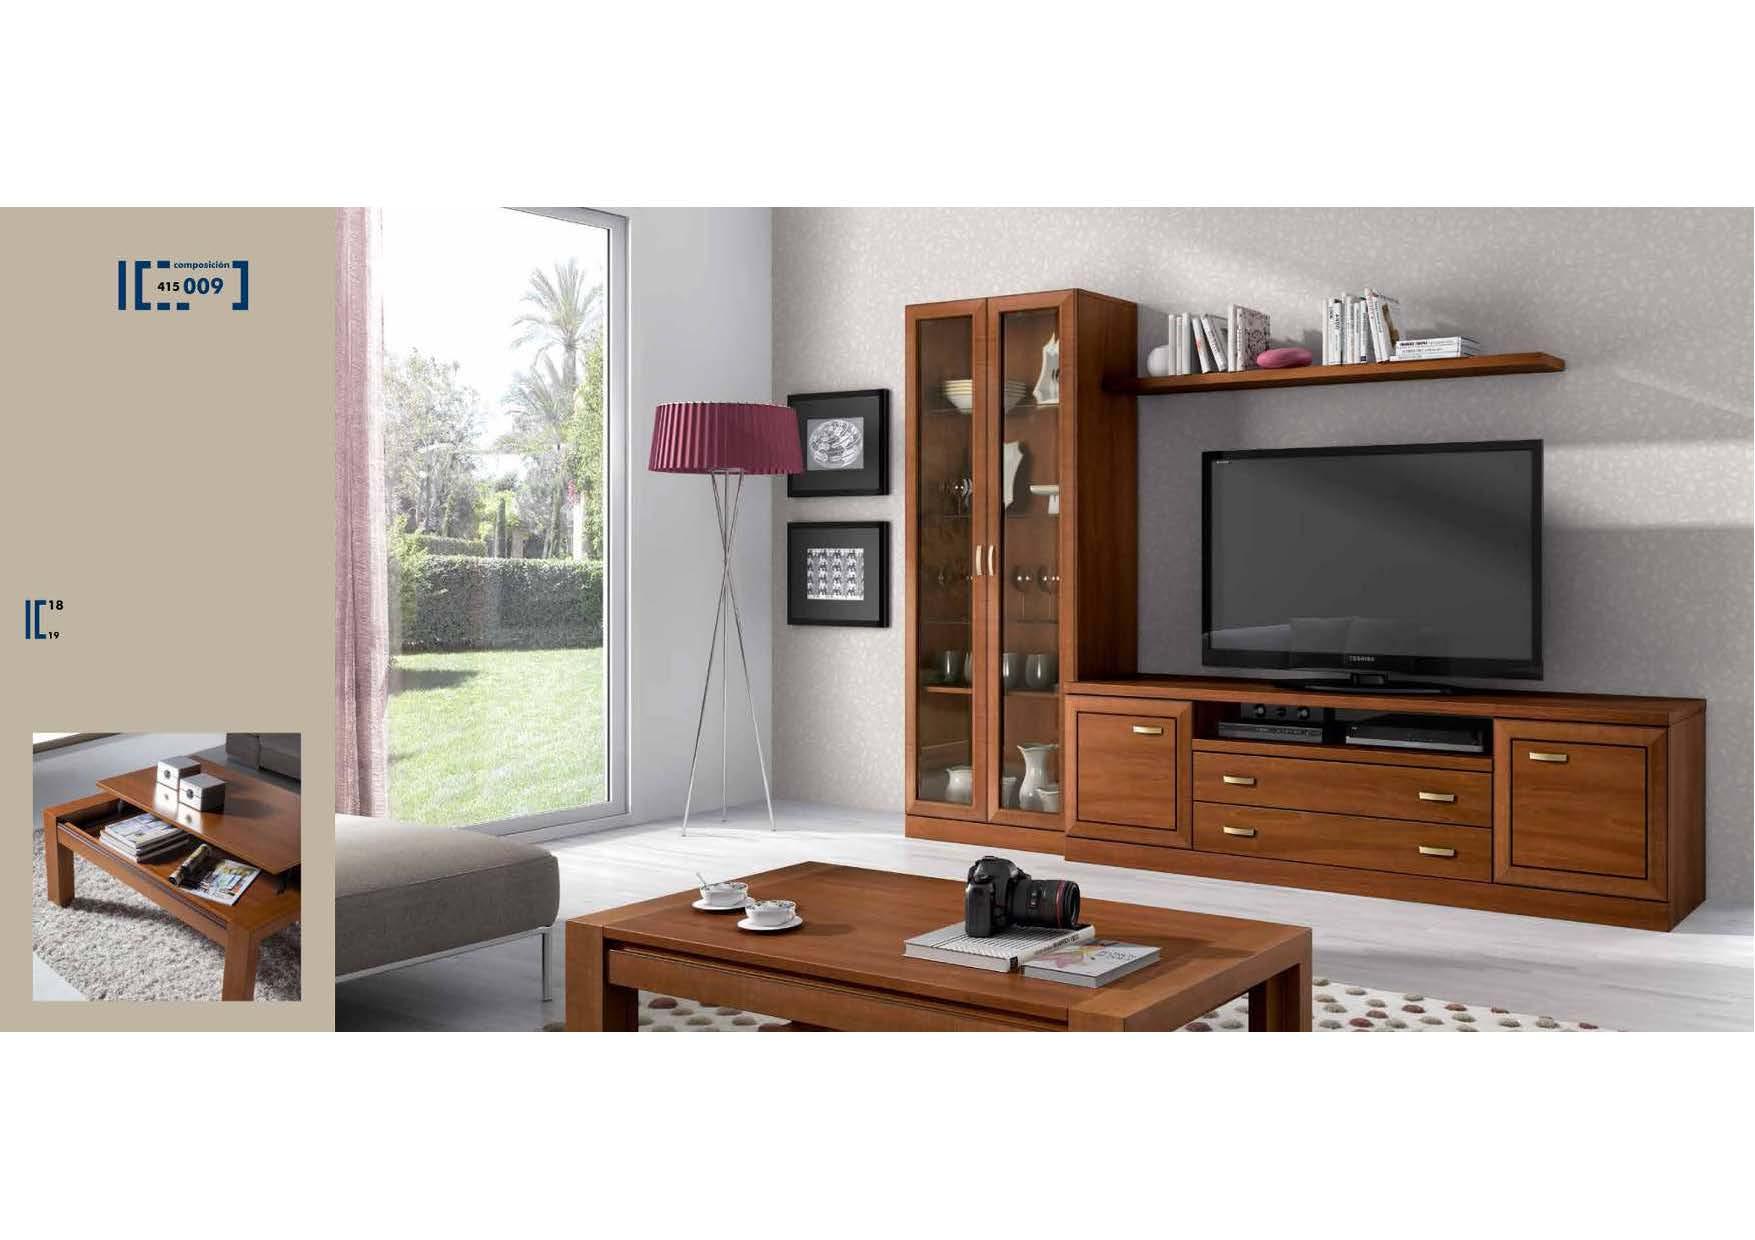 Muebles Victoria - Tienda especializada en Muebles y Descanso. Ven a ...